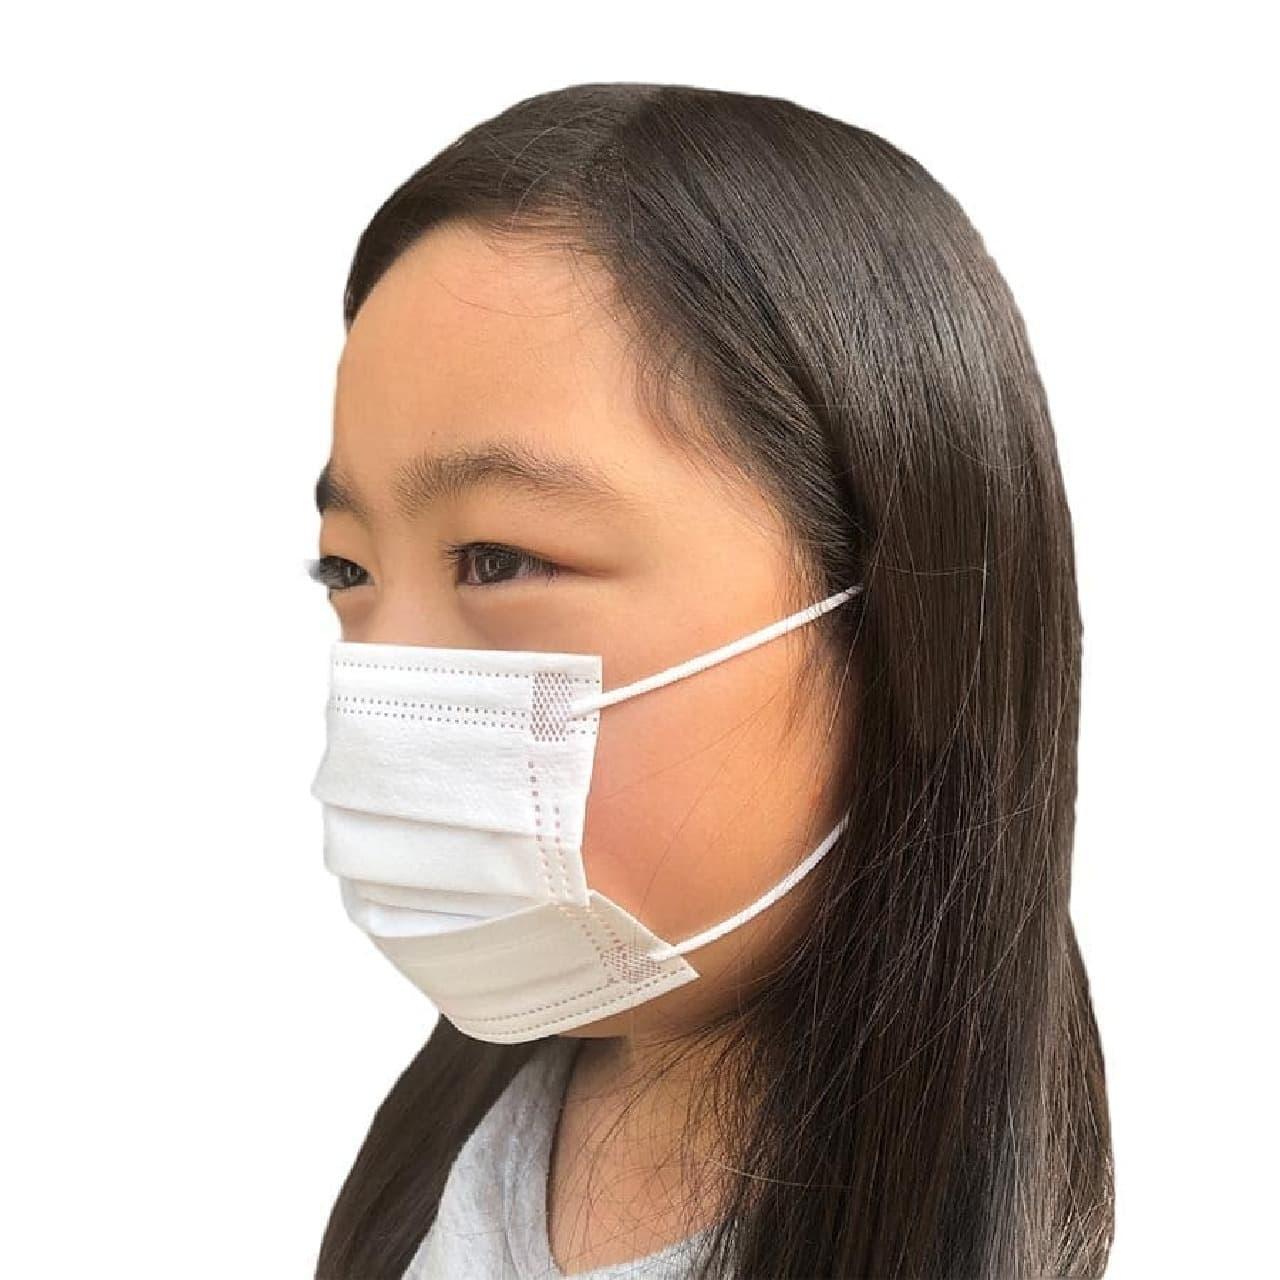 ファンケル「不織布マスク 子供用(小さめサイズ)」